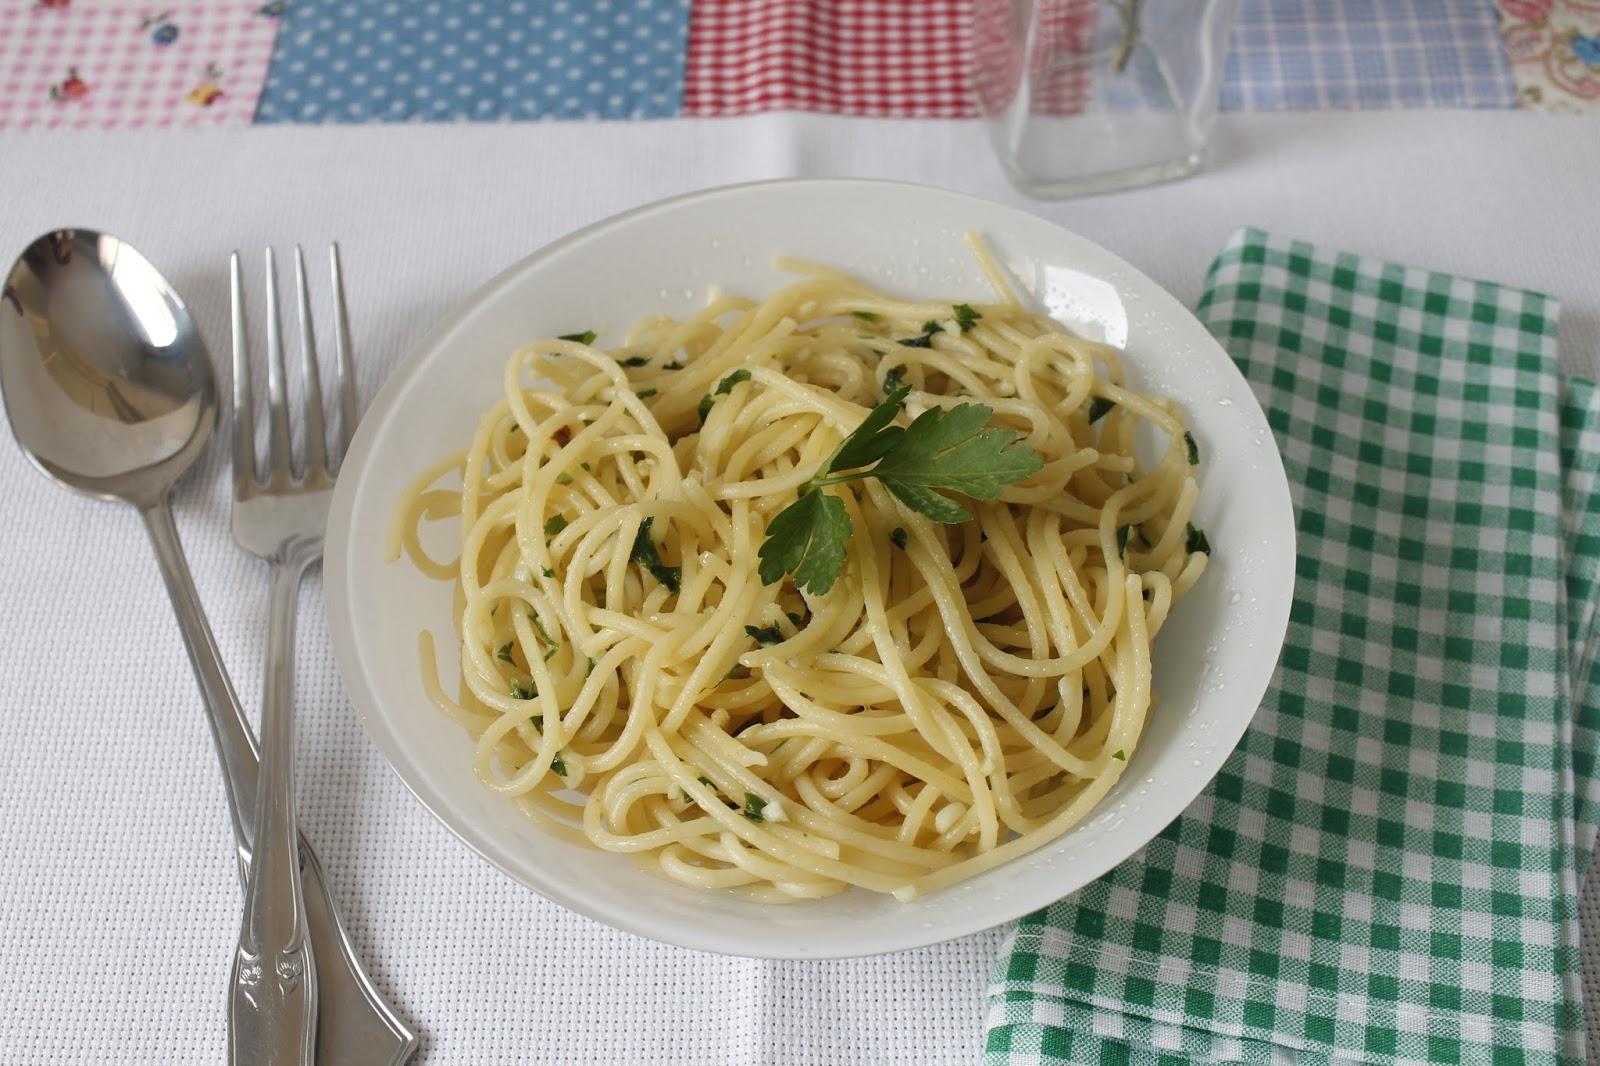 Espaguetis con ajo y perejil con sabor a huerto for Espaguetis con ajo y perejil